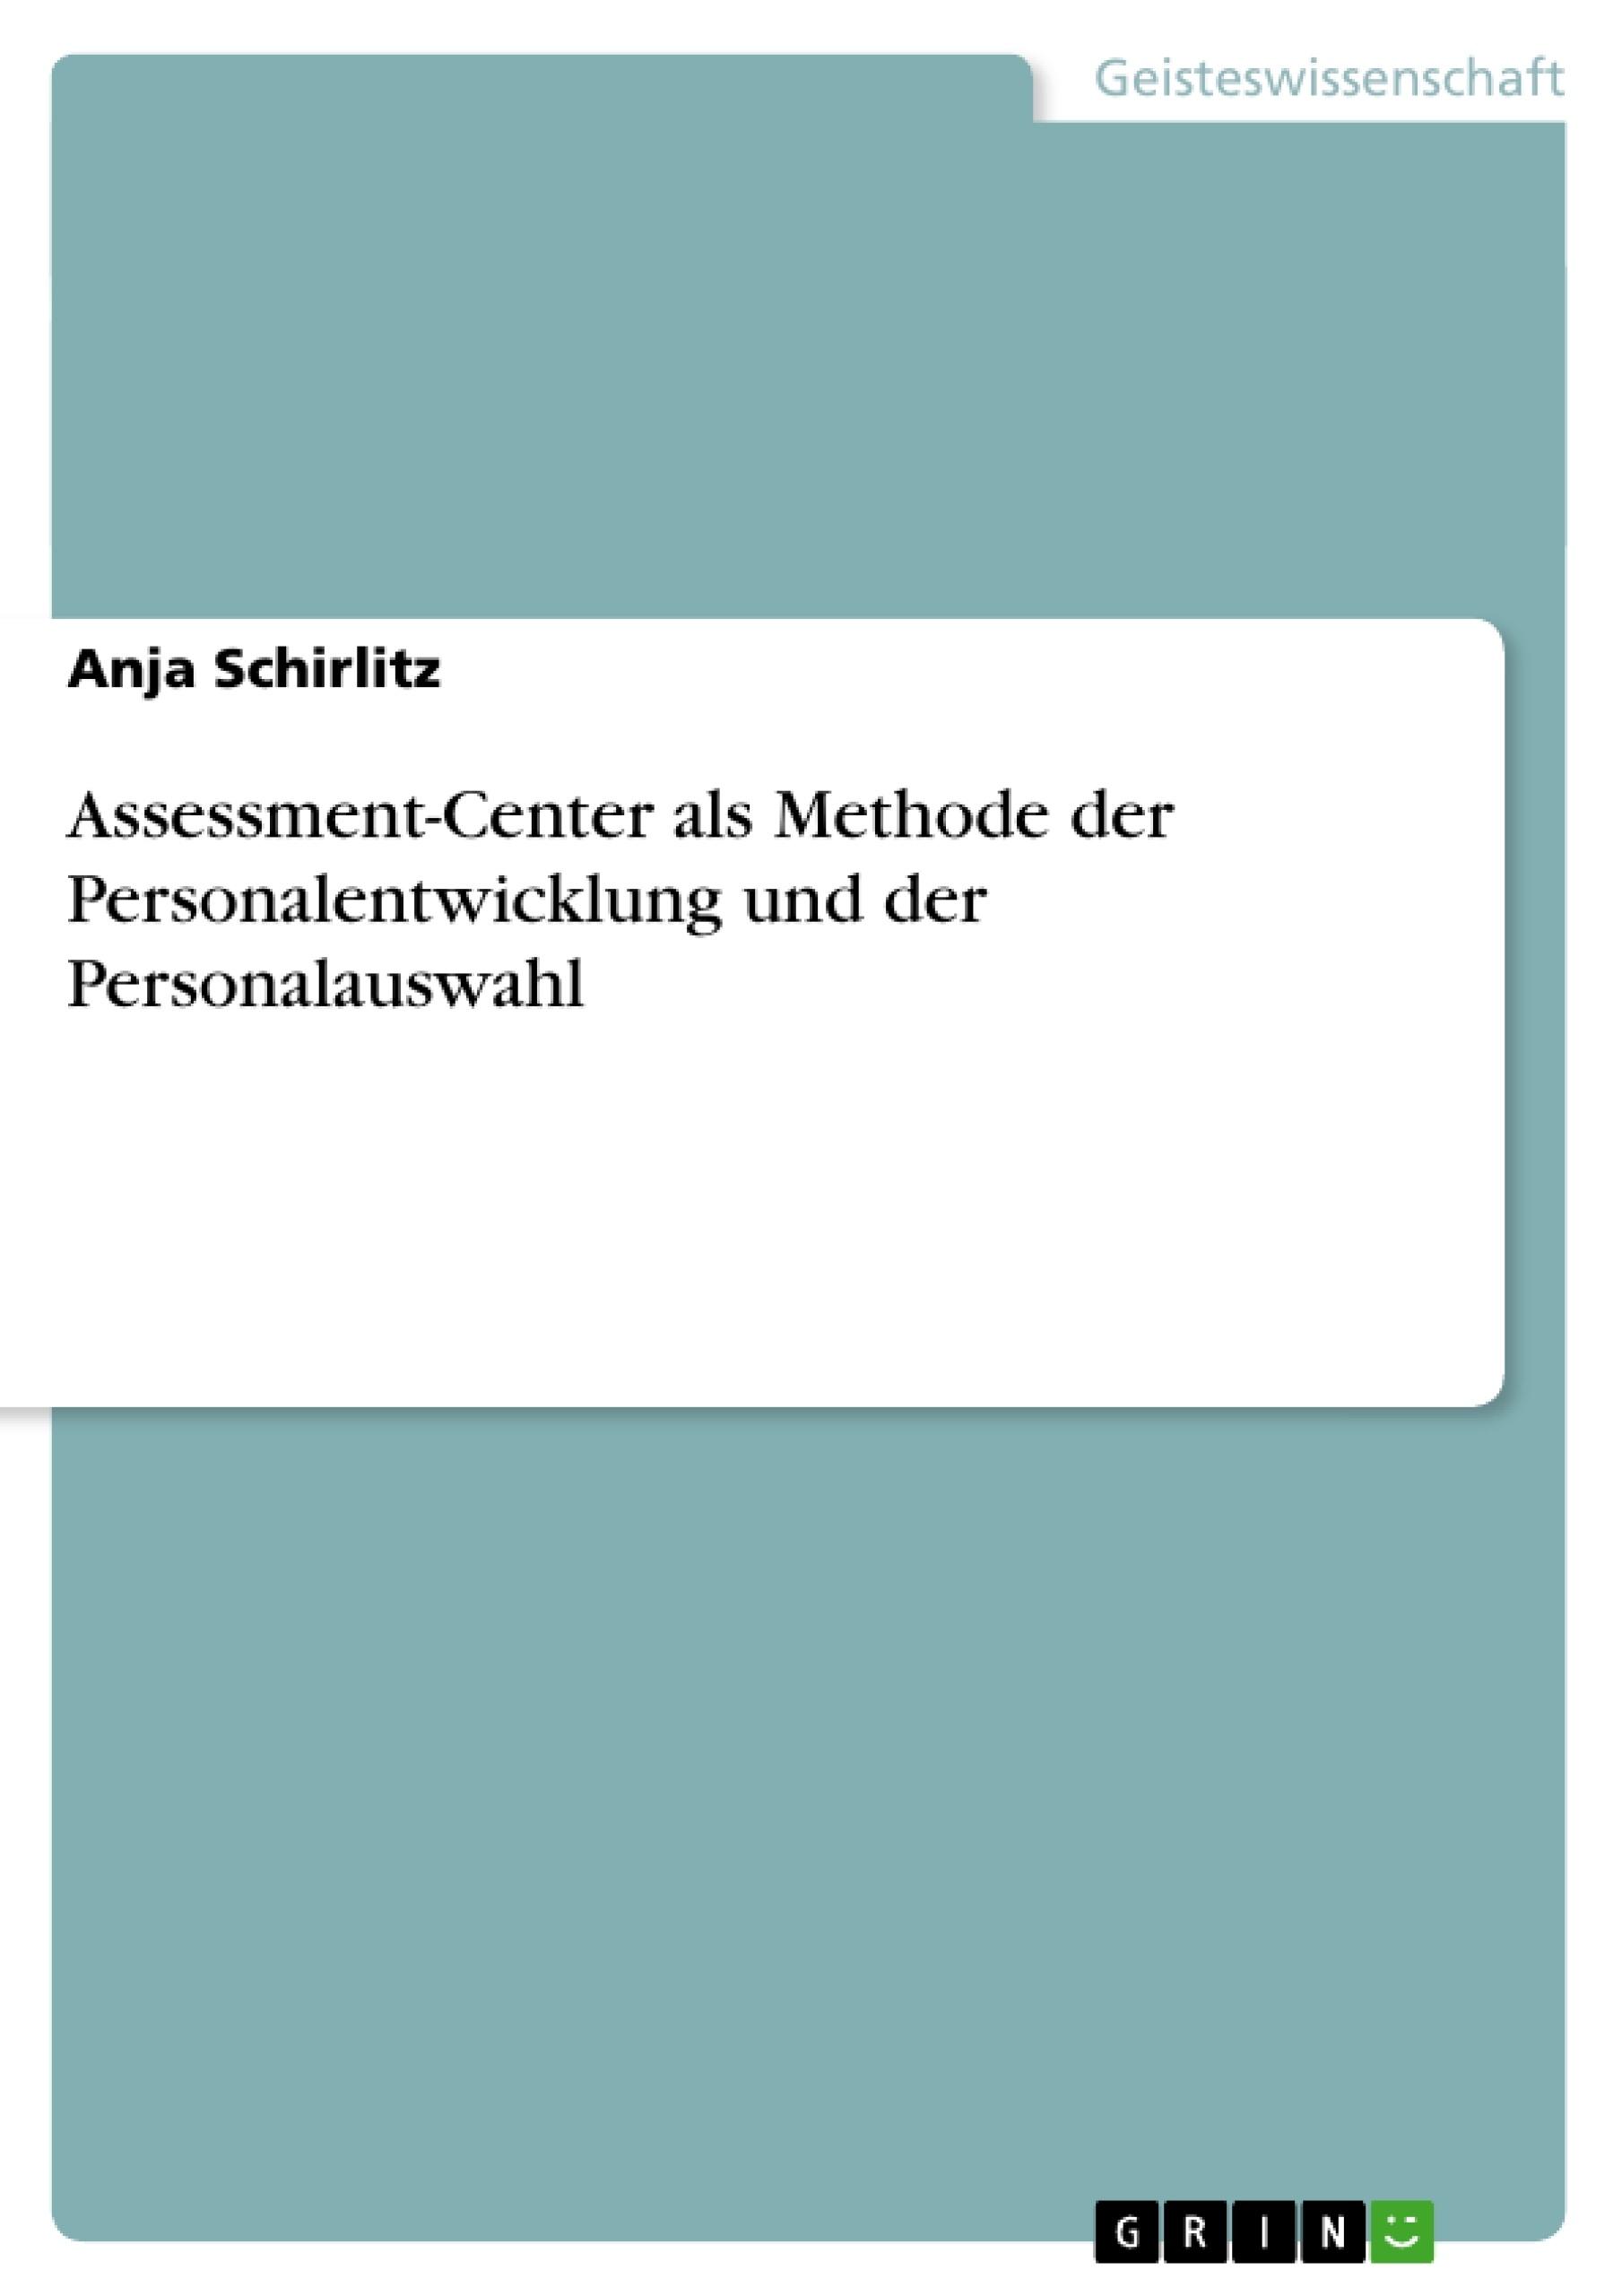 Titel: Assessment-Center als Methode der Personalentwicklung und der Personalauswahl